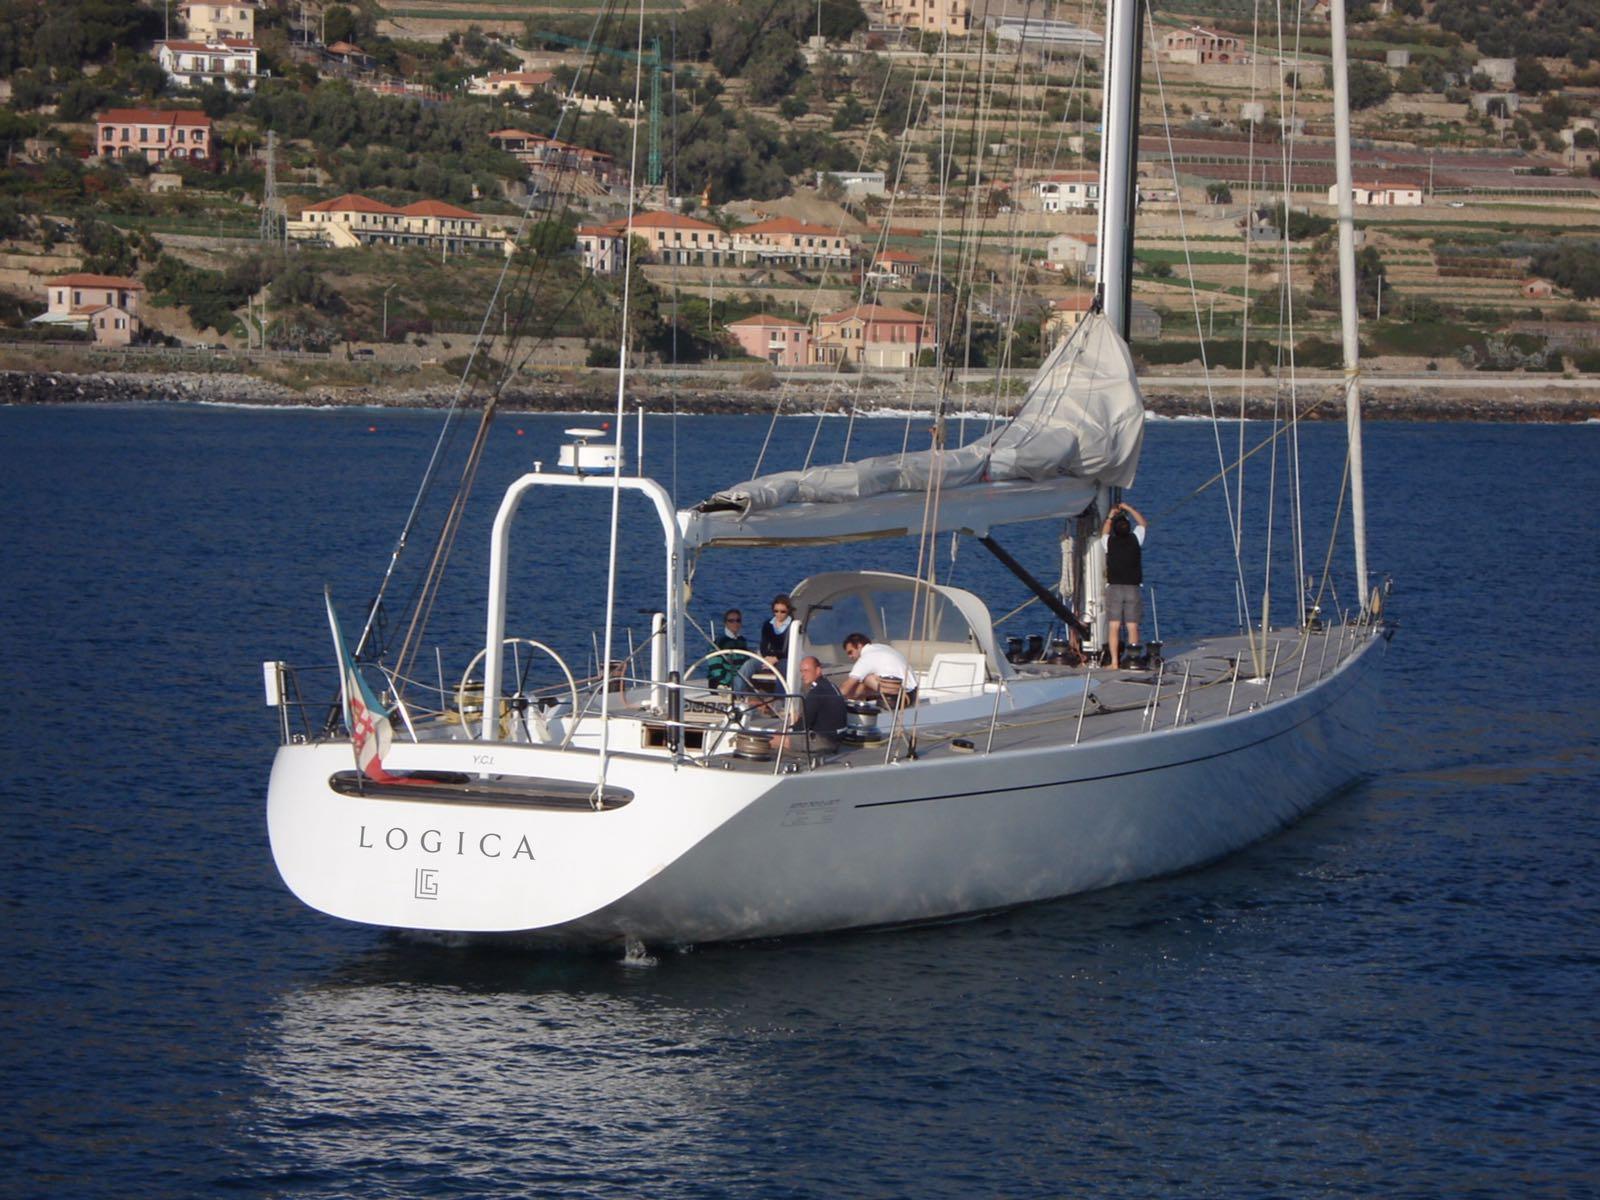 logica sailig yacht